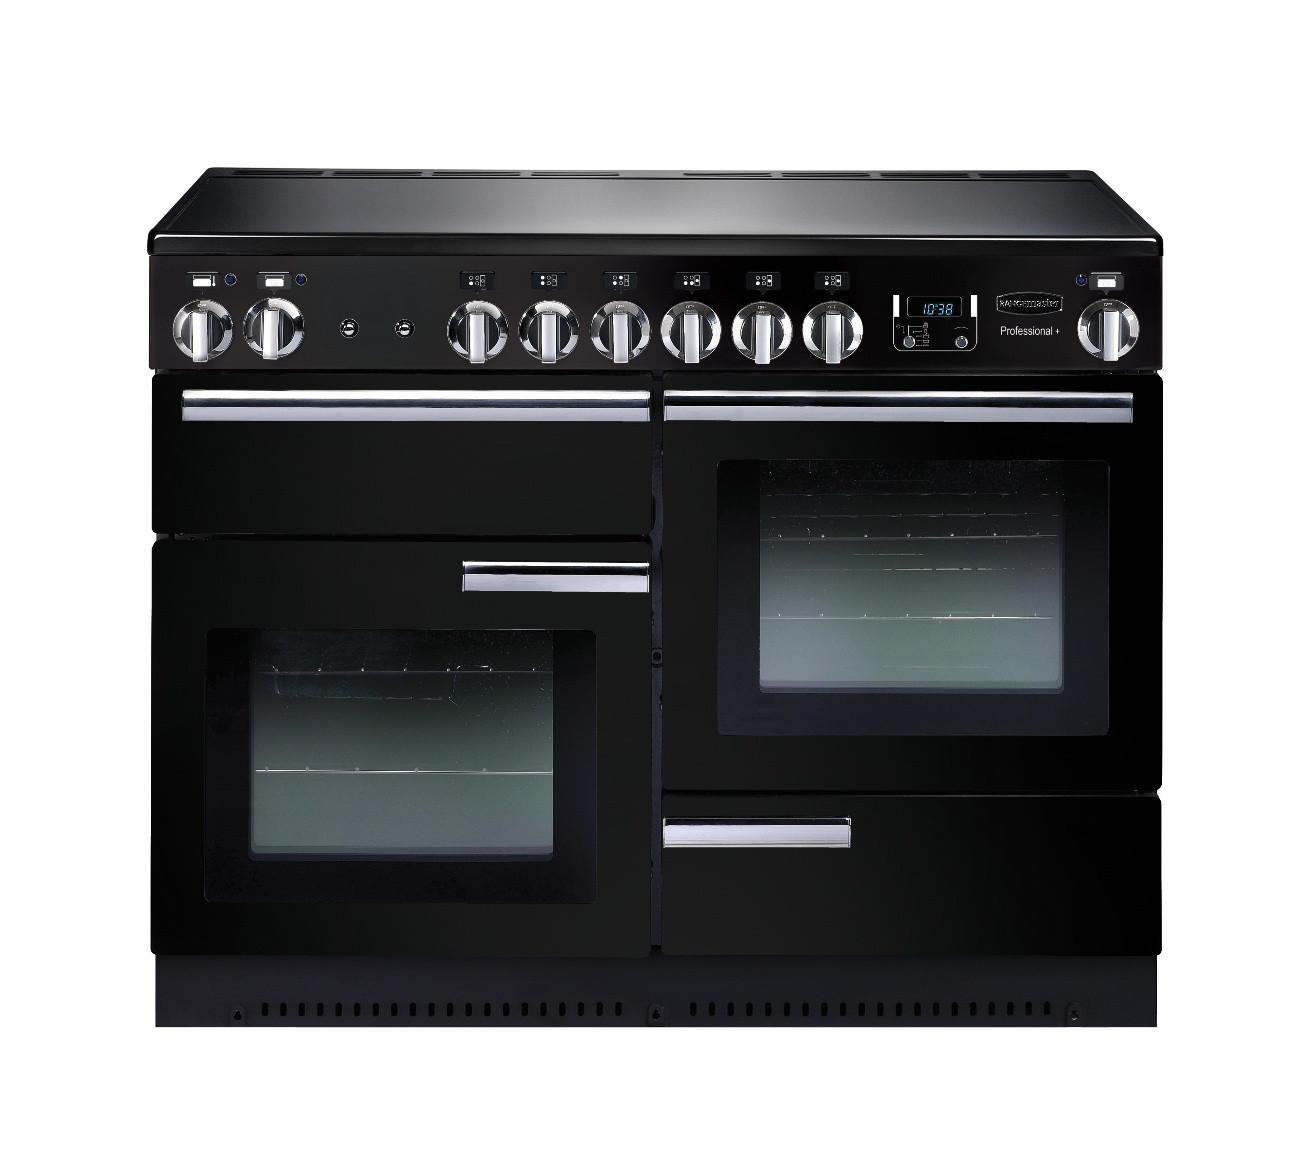 Rangemaster Professional Plus 110 Ceramic Black Range Cooker PROP110ECGB/C 91880